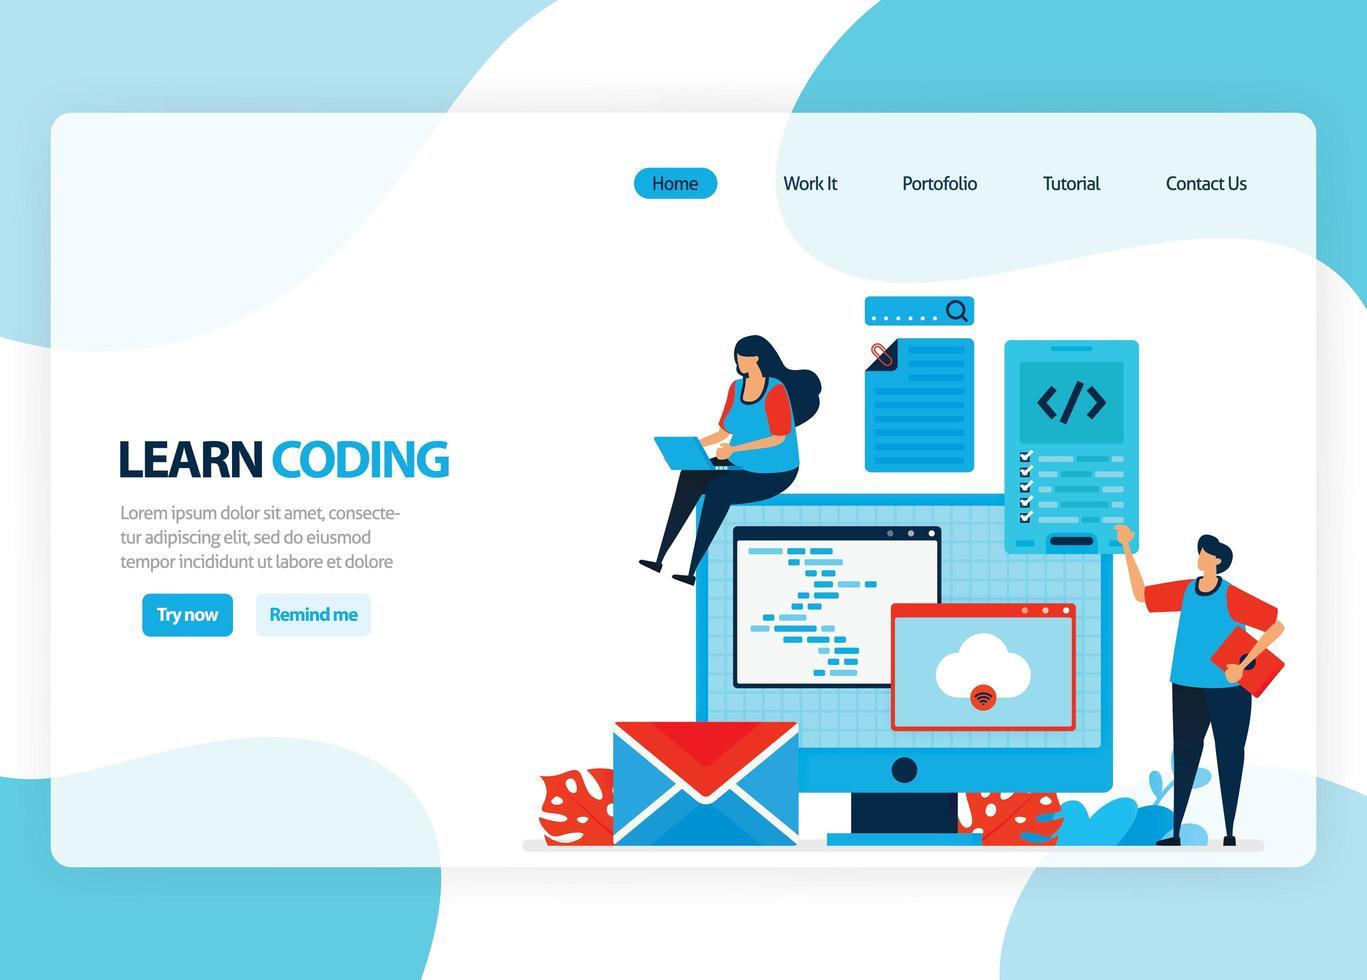 vektorhemsida för inlärning av programmering och kodning. applikationsutveckling med ett enkelt programmeringsspråk. platt illustration för målsida, mall, ui ux, webb, mobilapp, banner, flygblad vektor